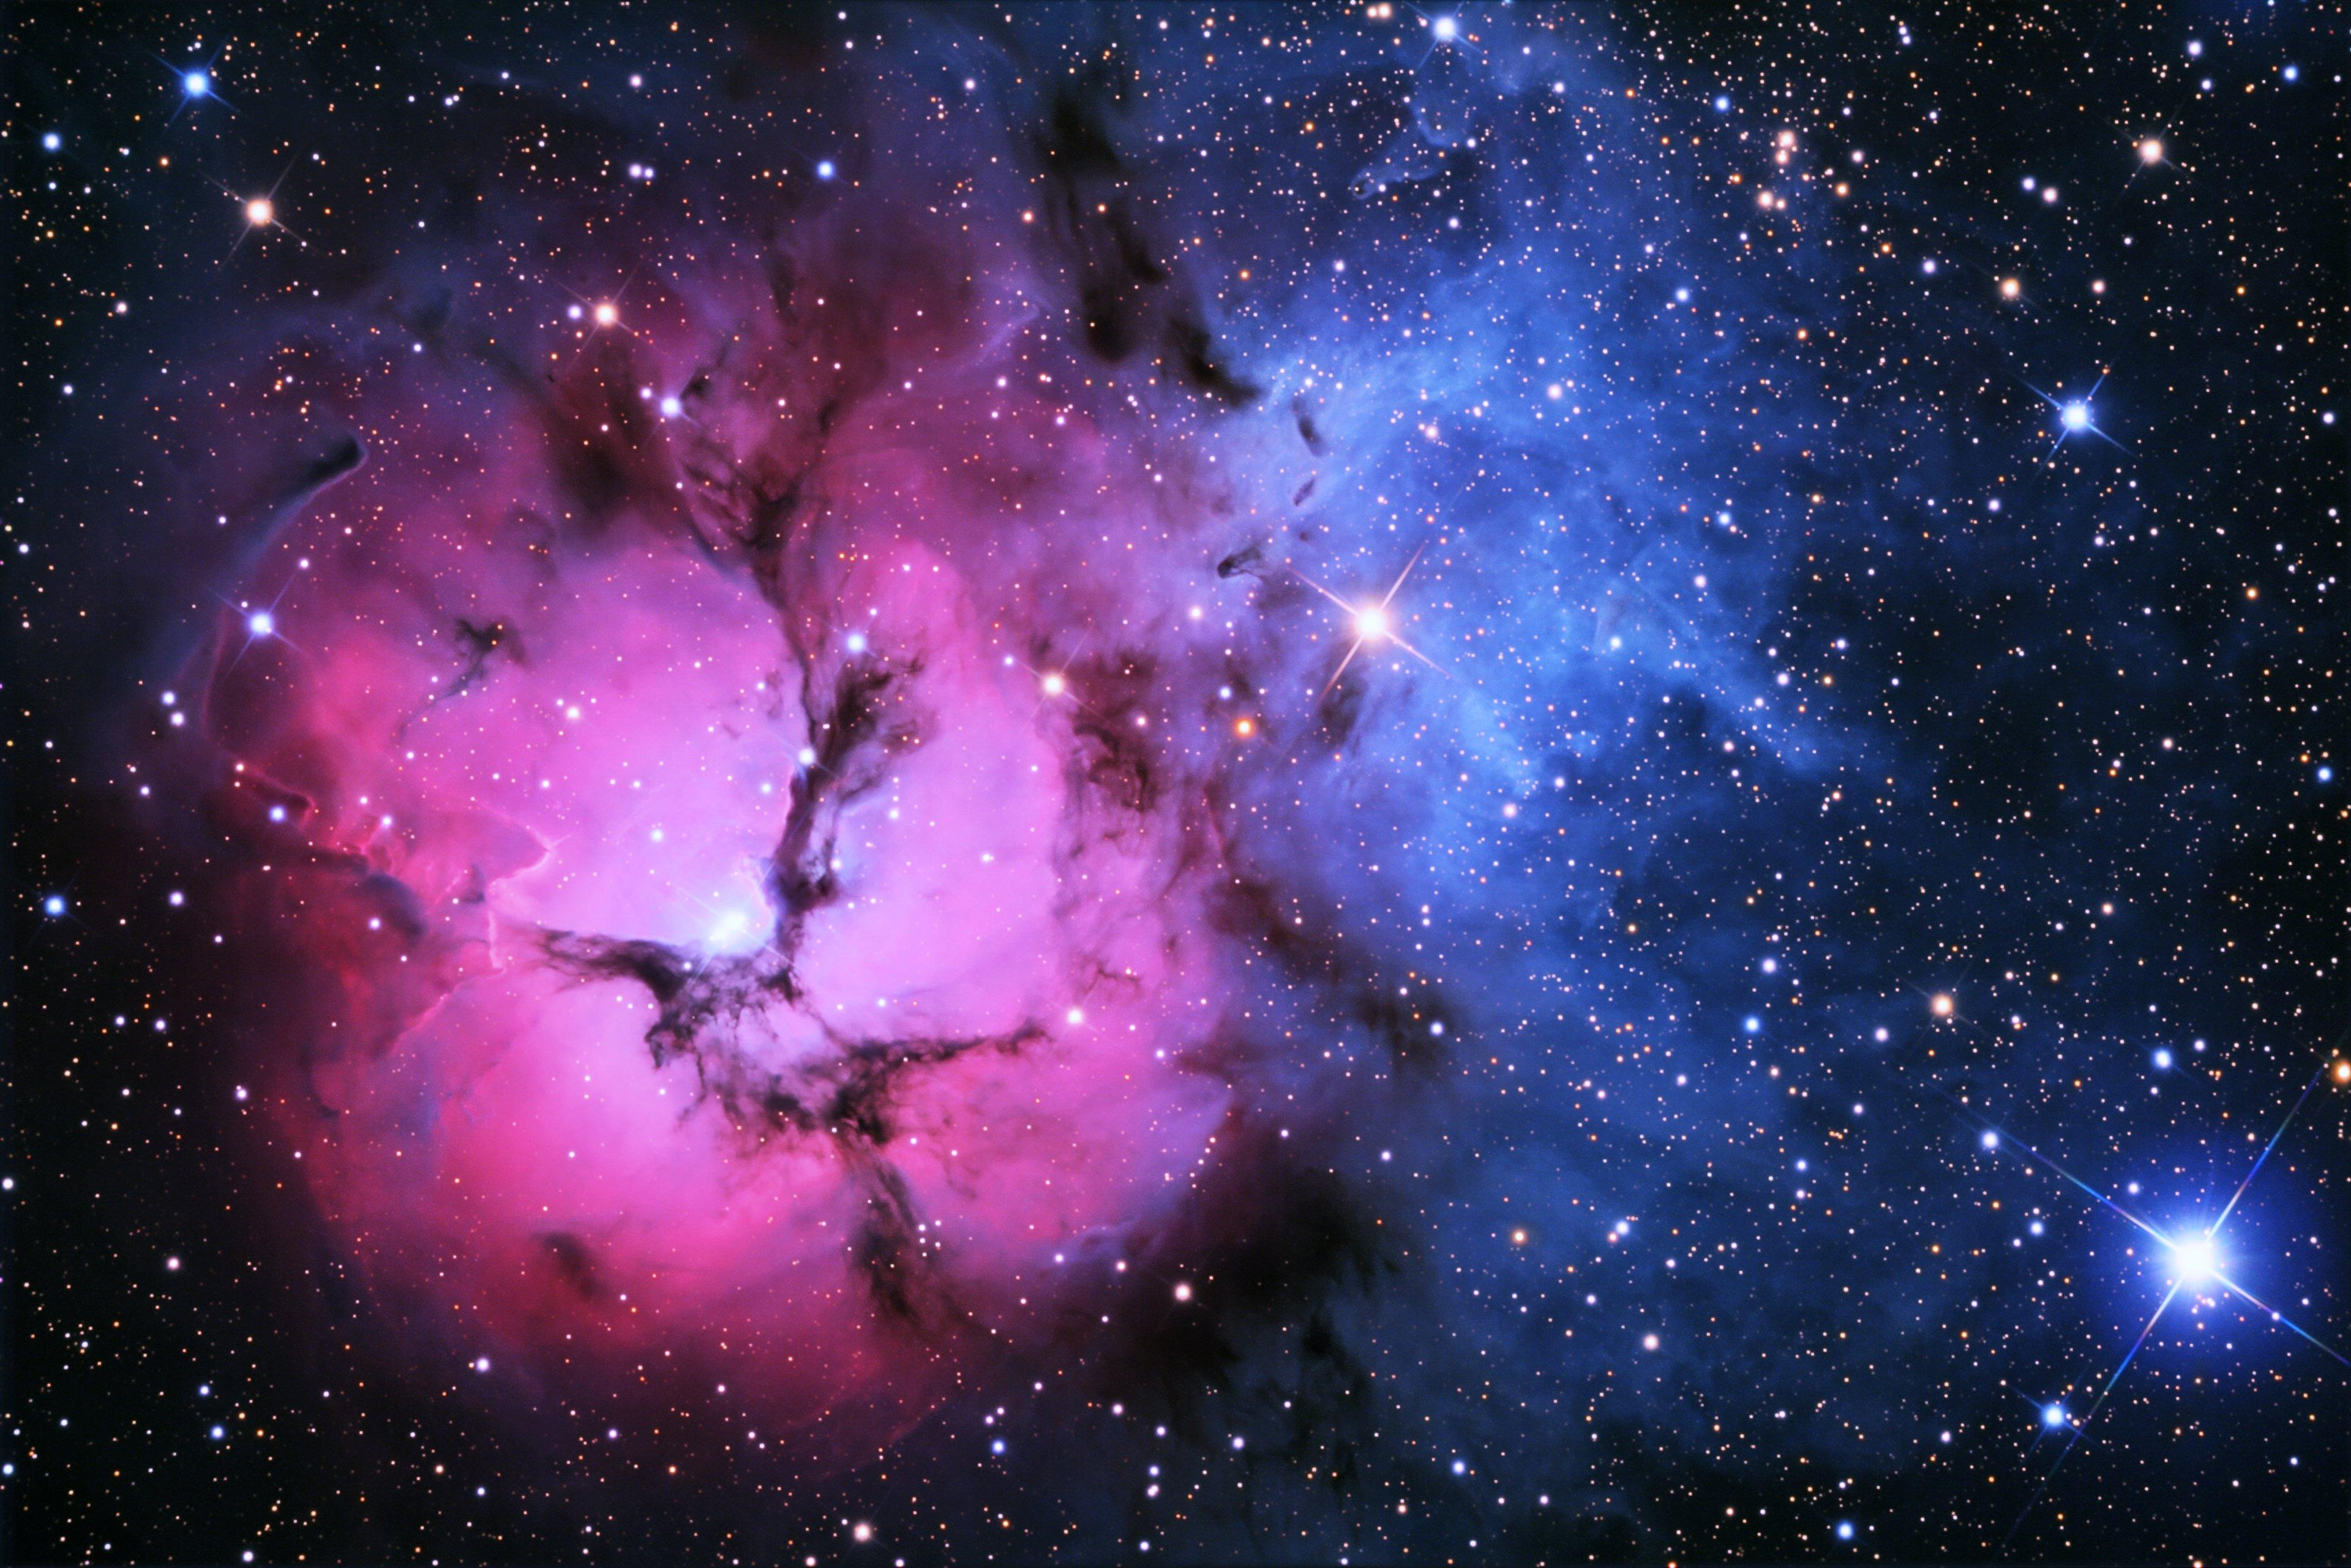 pink nebula galaxy space wallpaper - photo #22